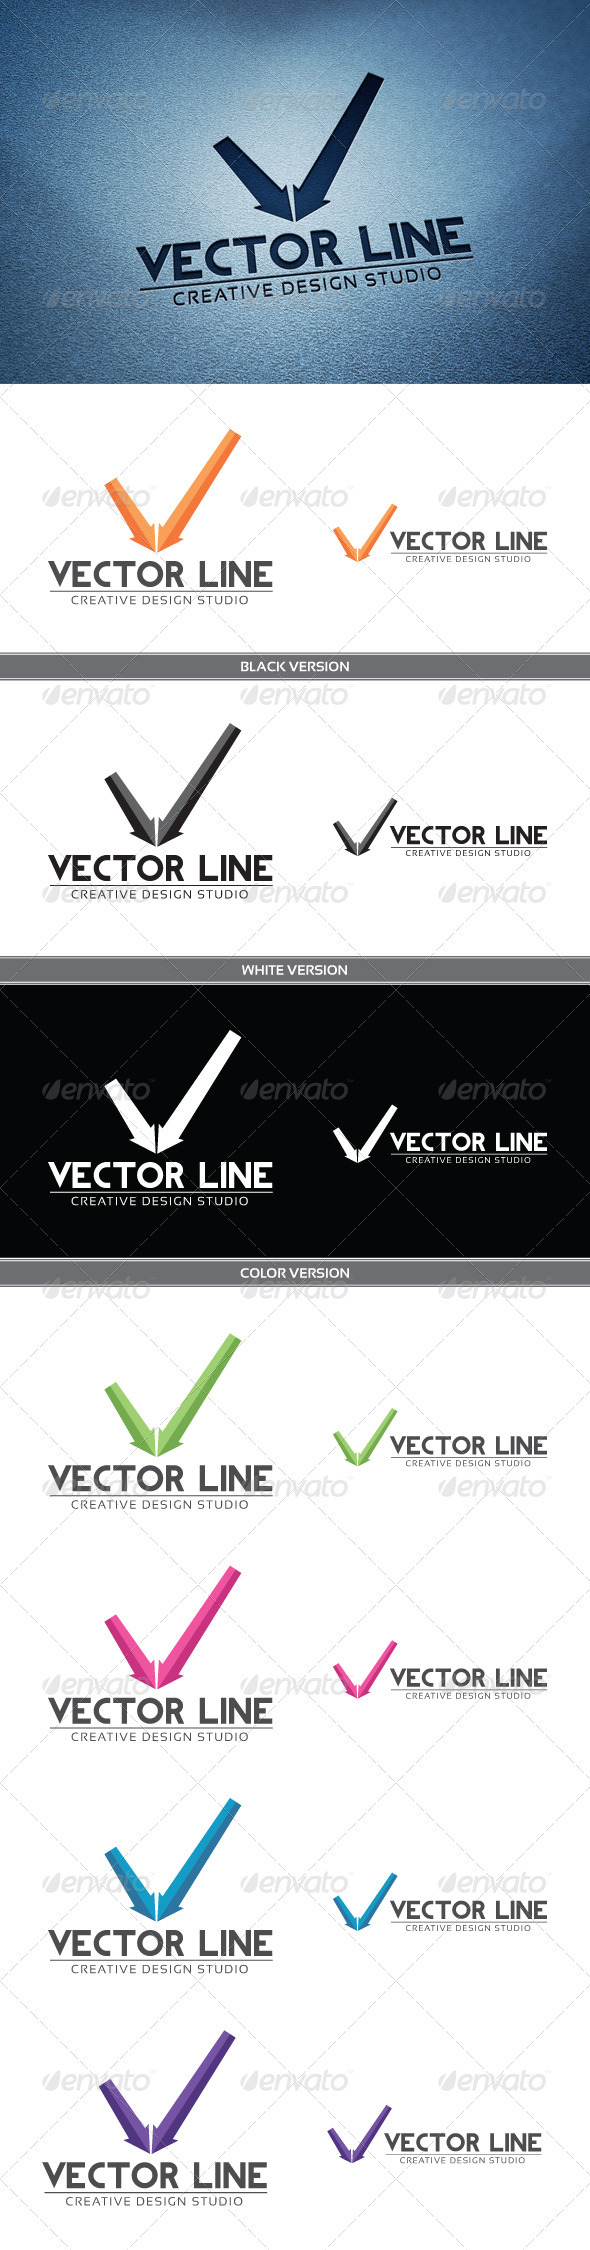 GraphicRiver Vector Line 3930881